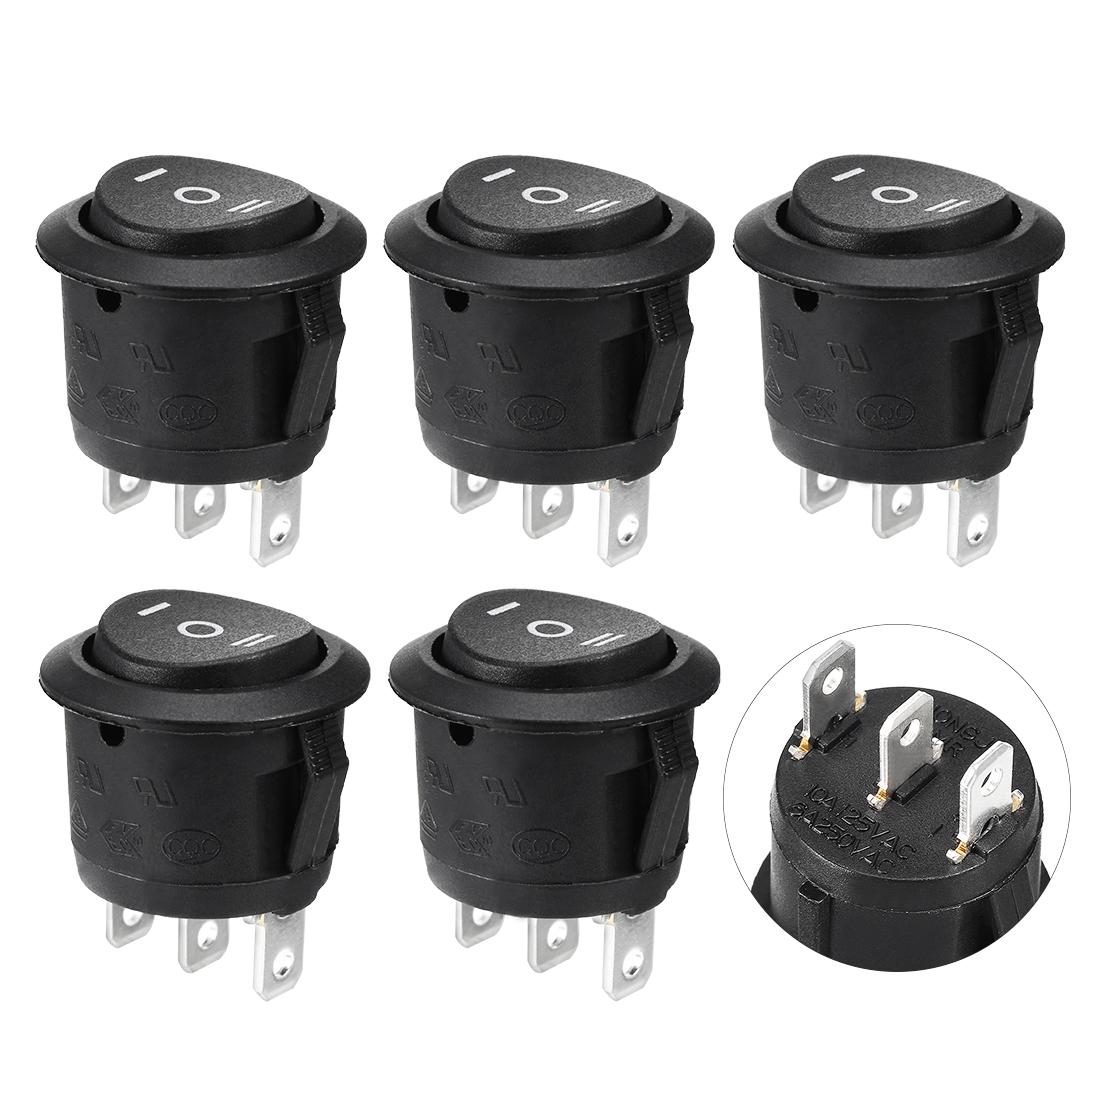 5pcs SPDT Rocker Power Switch 6A 250VAC 10A 125VAC 3Pins 3 Position